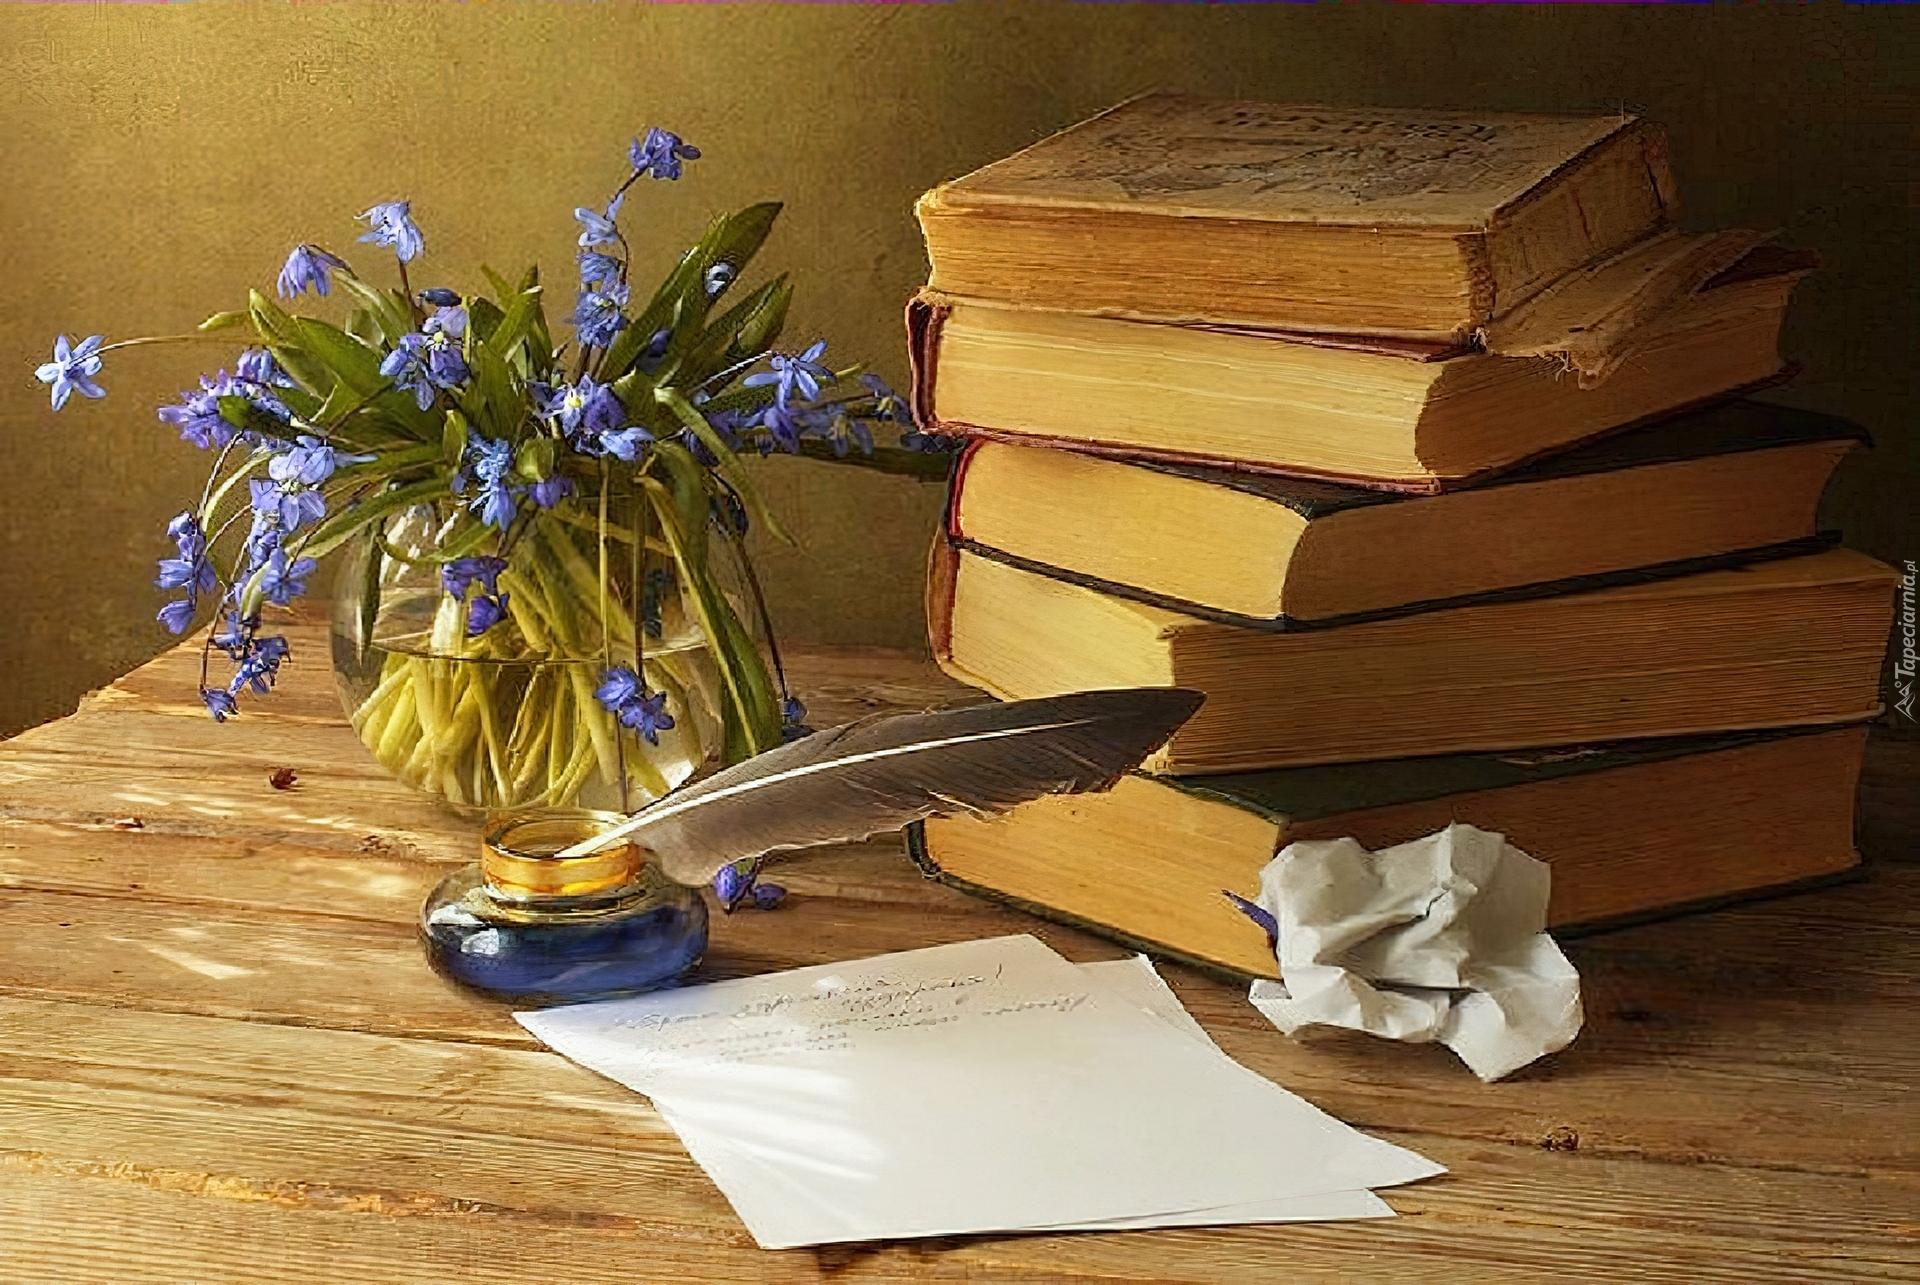 Książki, Kałamarz, Pióro, Wazonik, Kwiatki